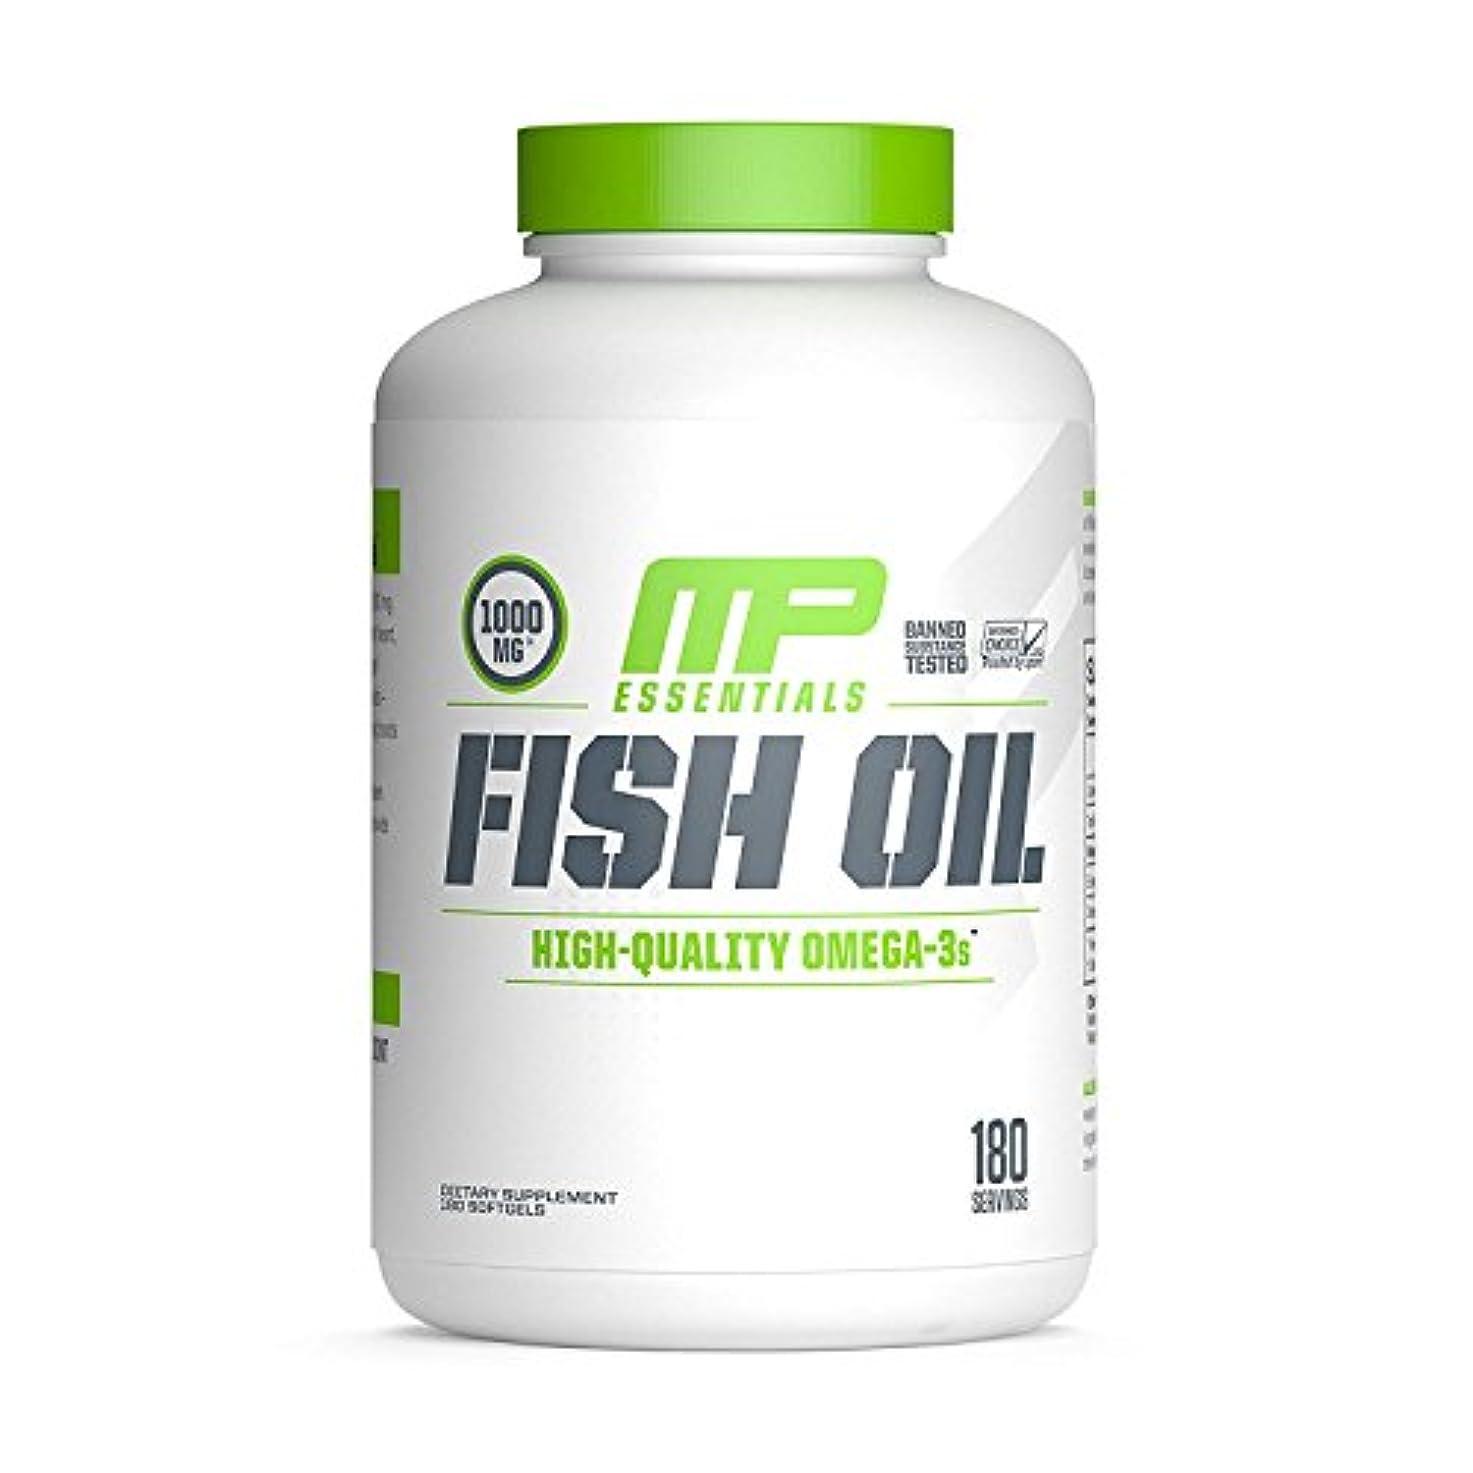 自体競争いちゃつく海外直送品 MusclePharm, Fish Oil Essentials 180 Servings [並行輸入品]